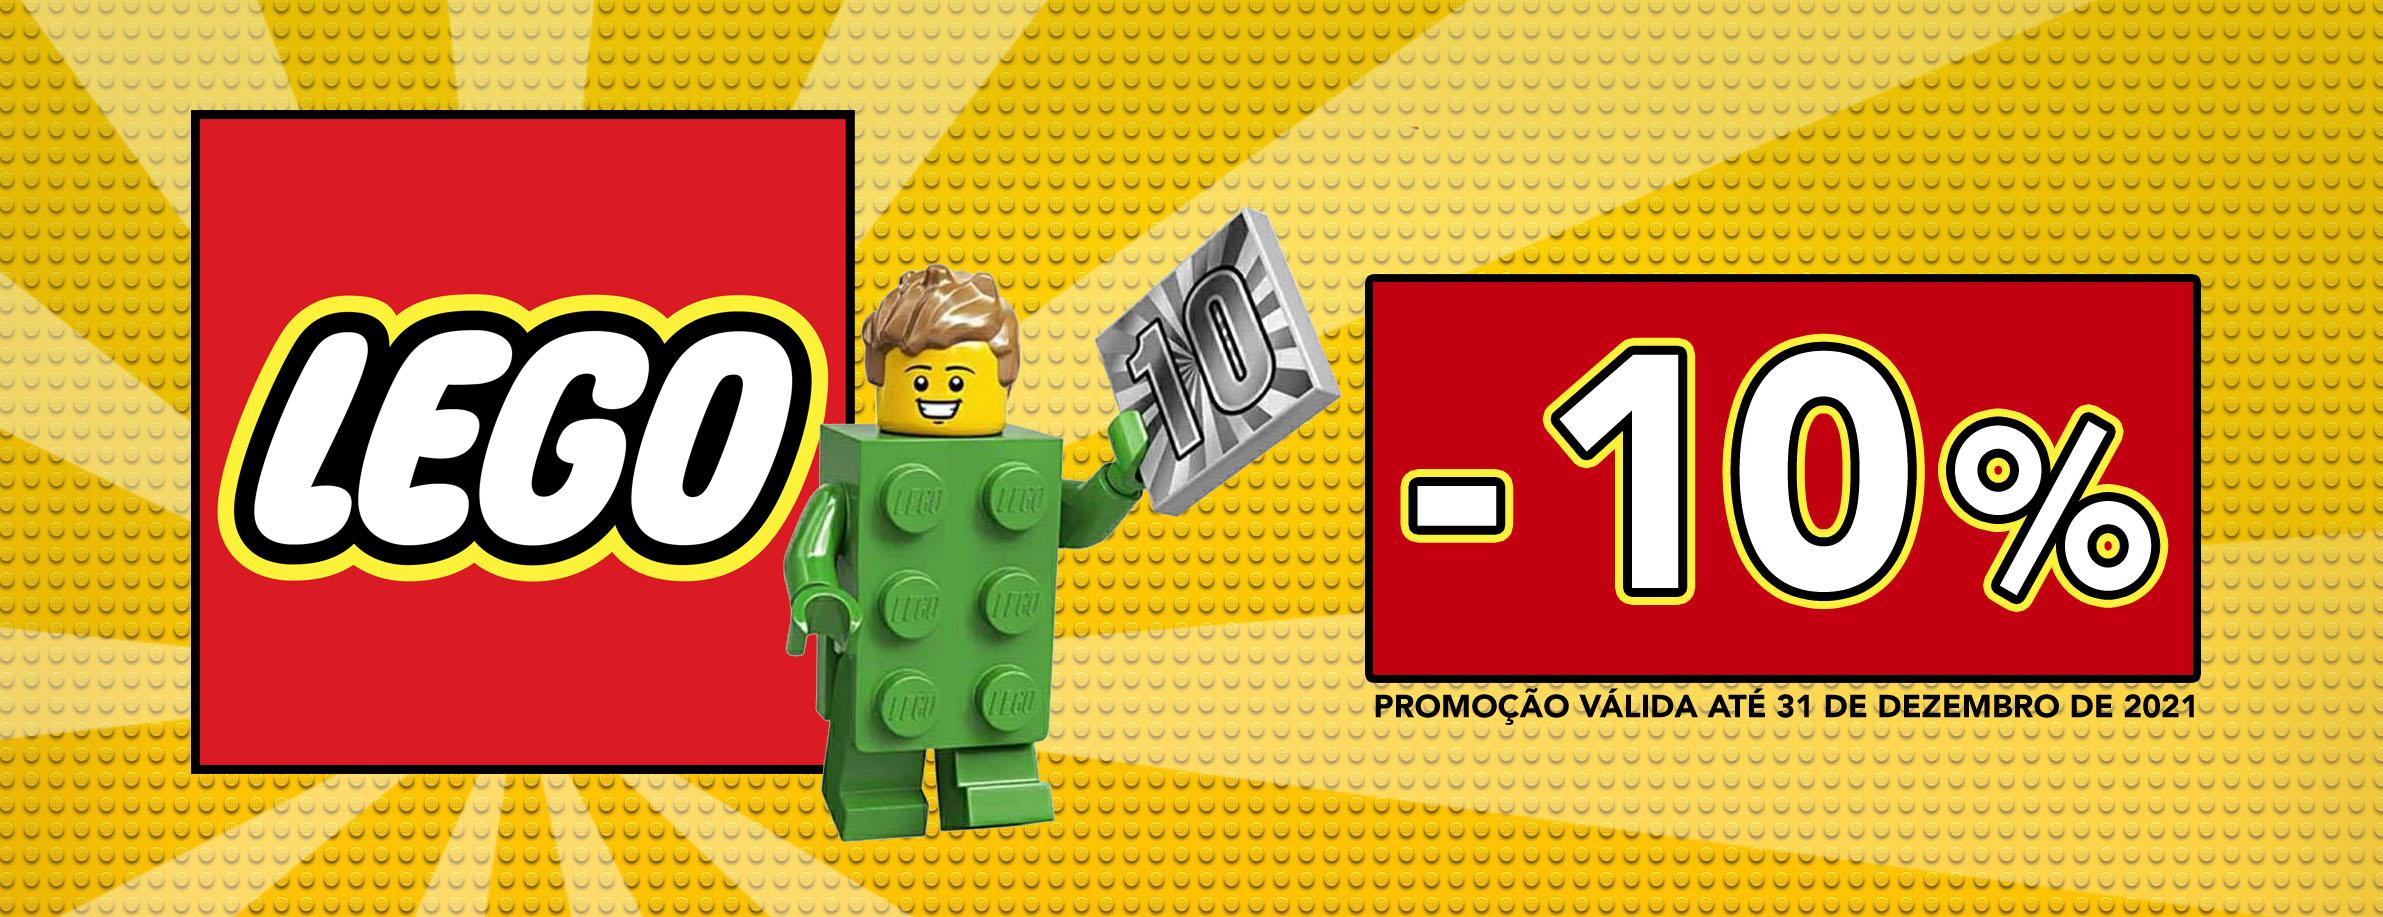 Promoção 10% de desconto em todo o LEGO no nosso site até 31 de Dezembro de 2021